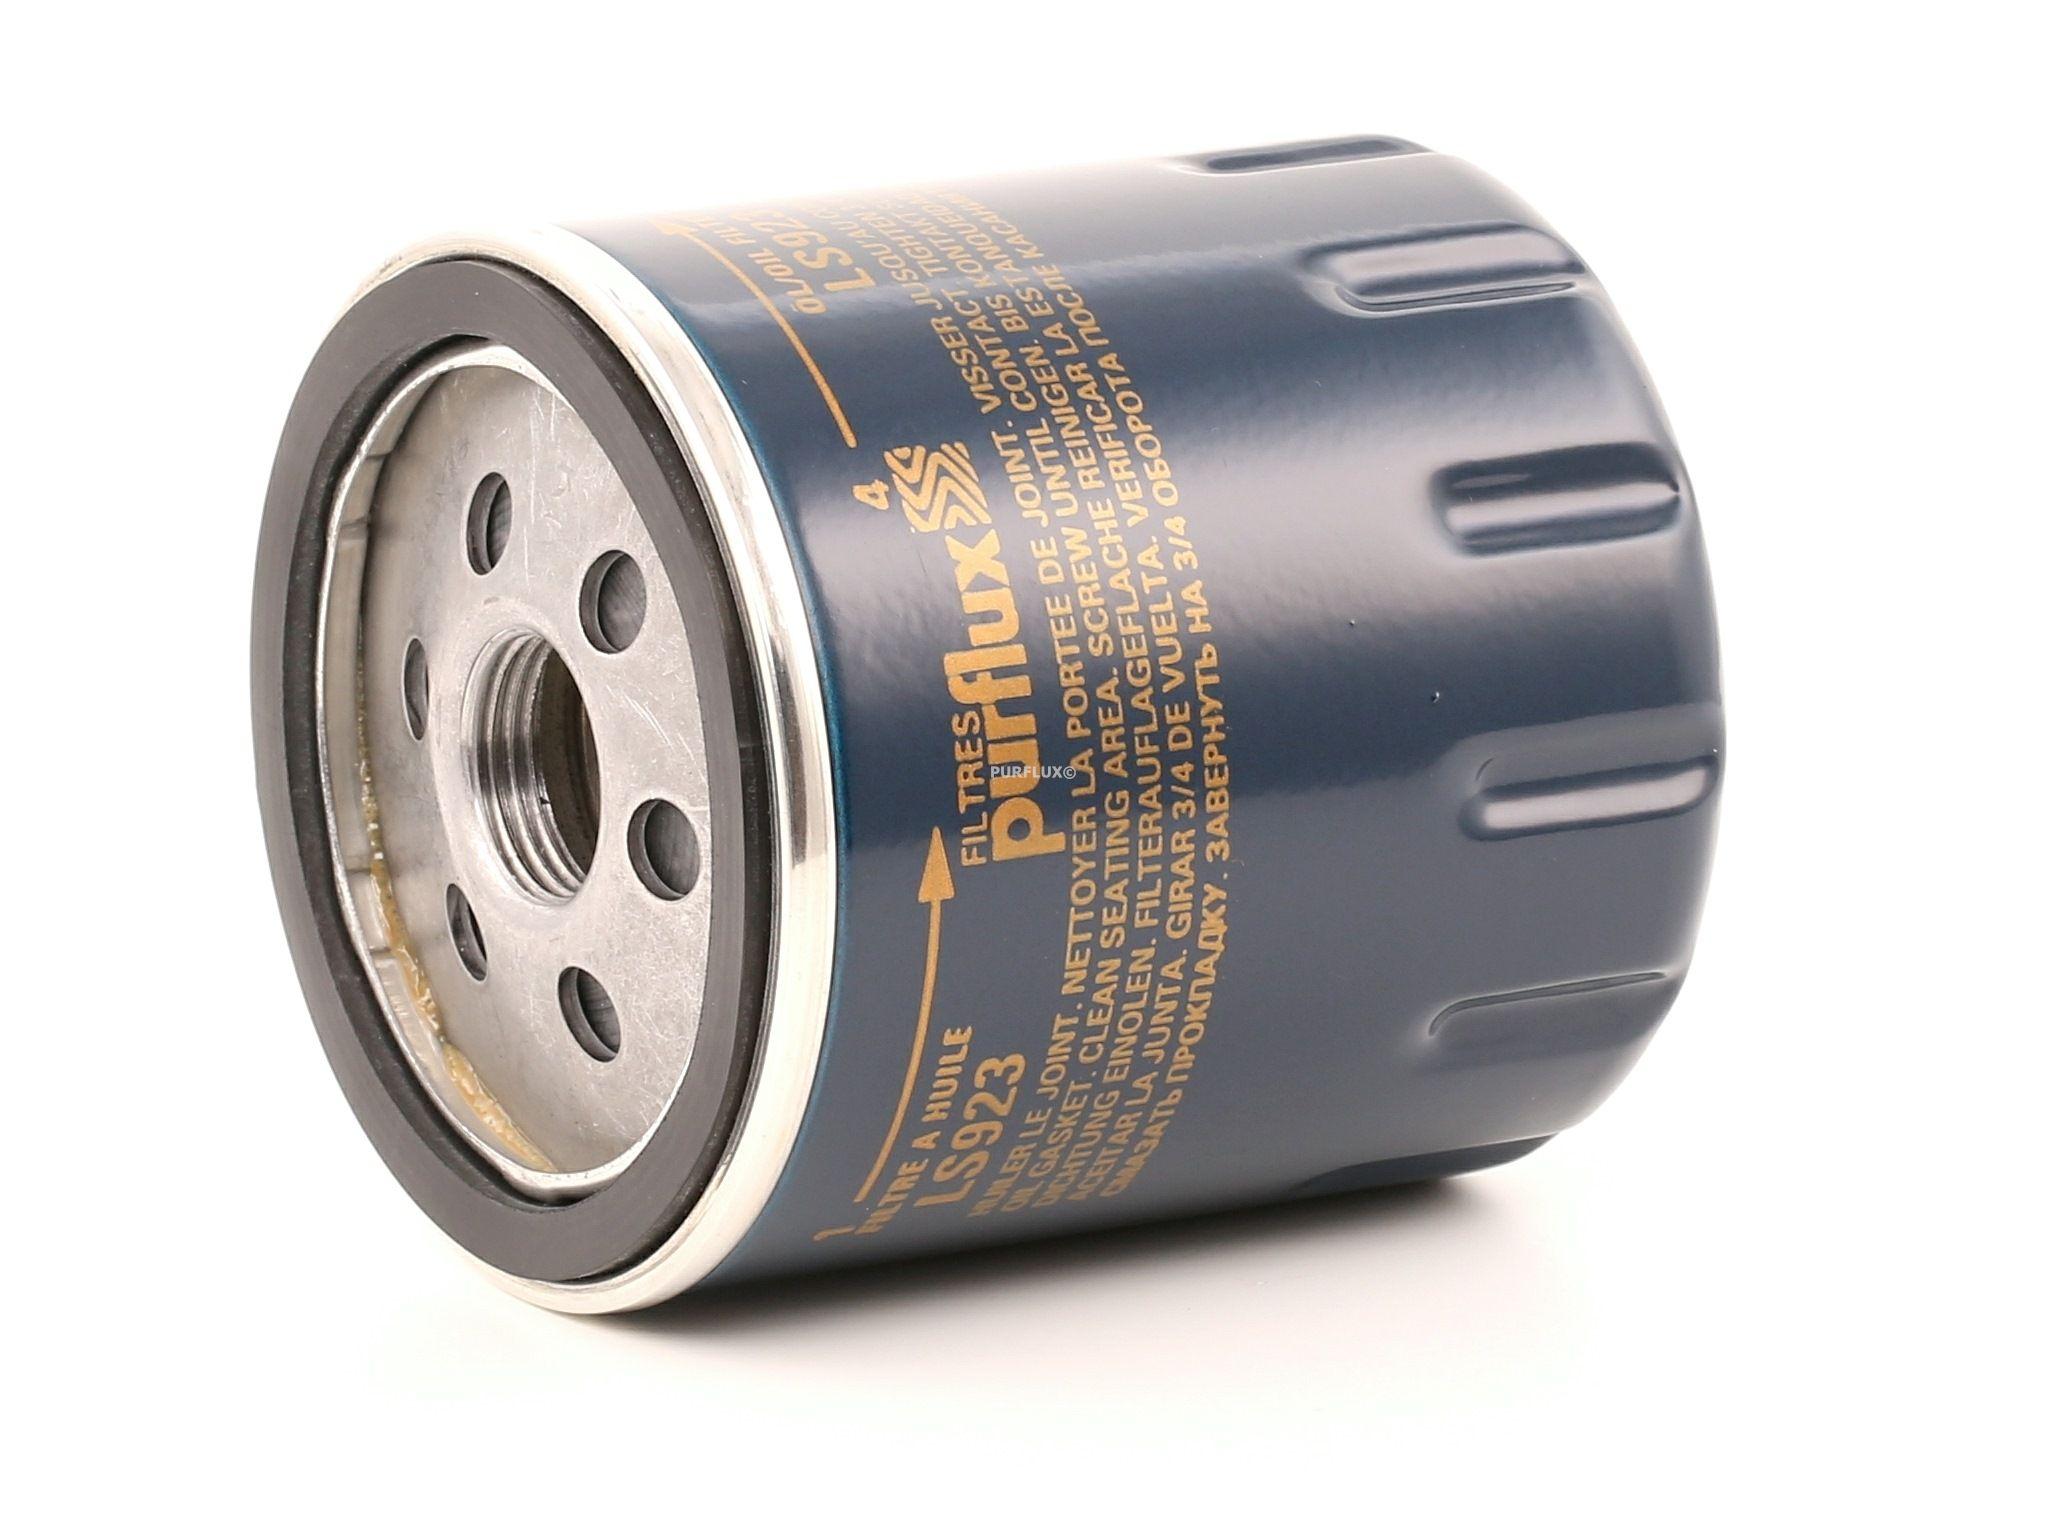 Filtre à huile PURFLUX LS923 évaluation